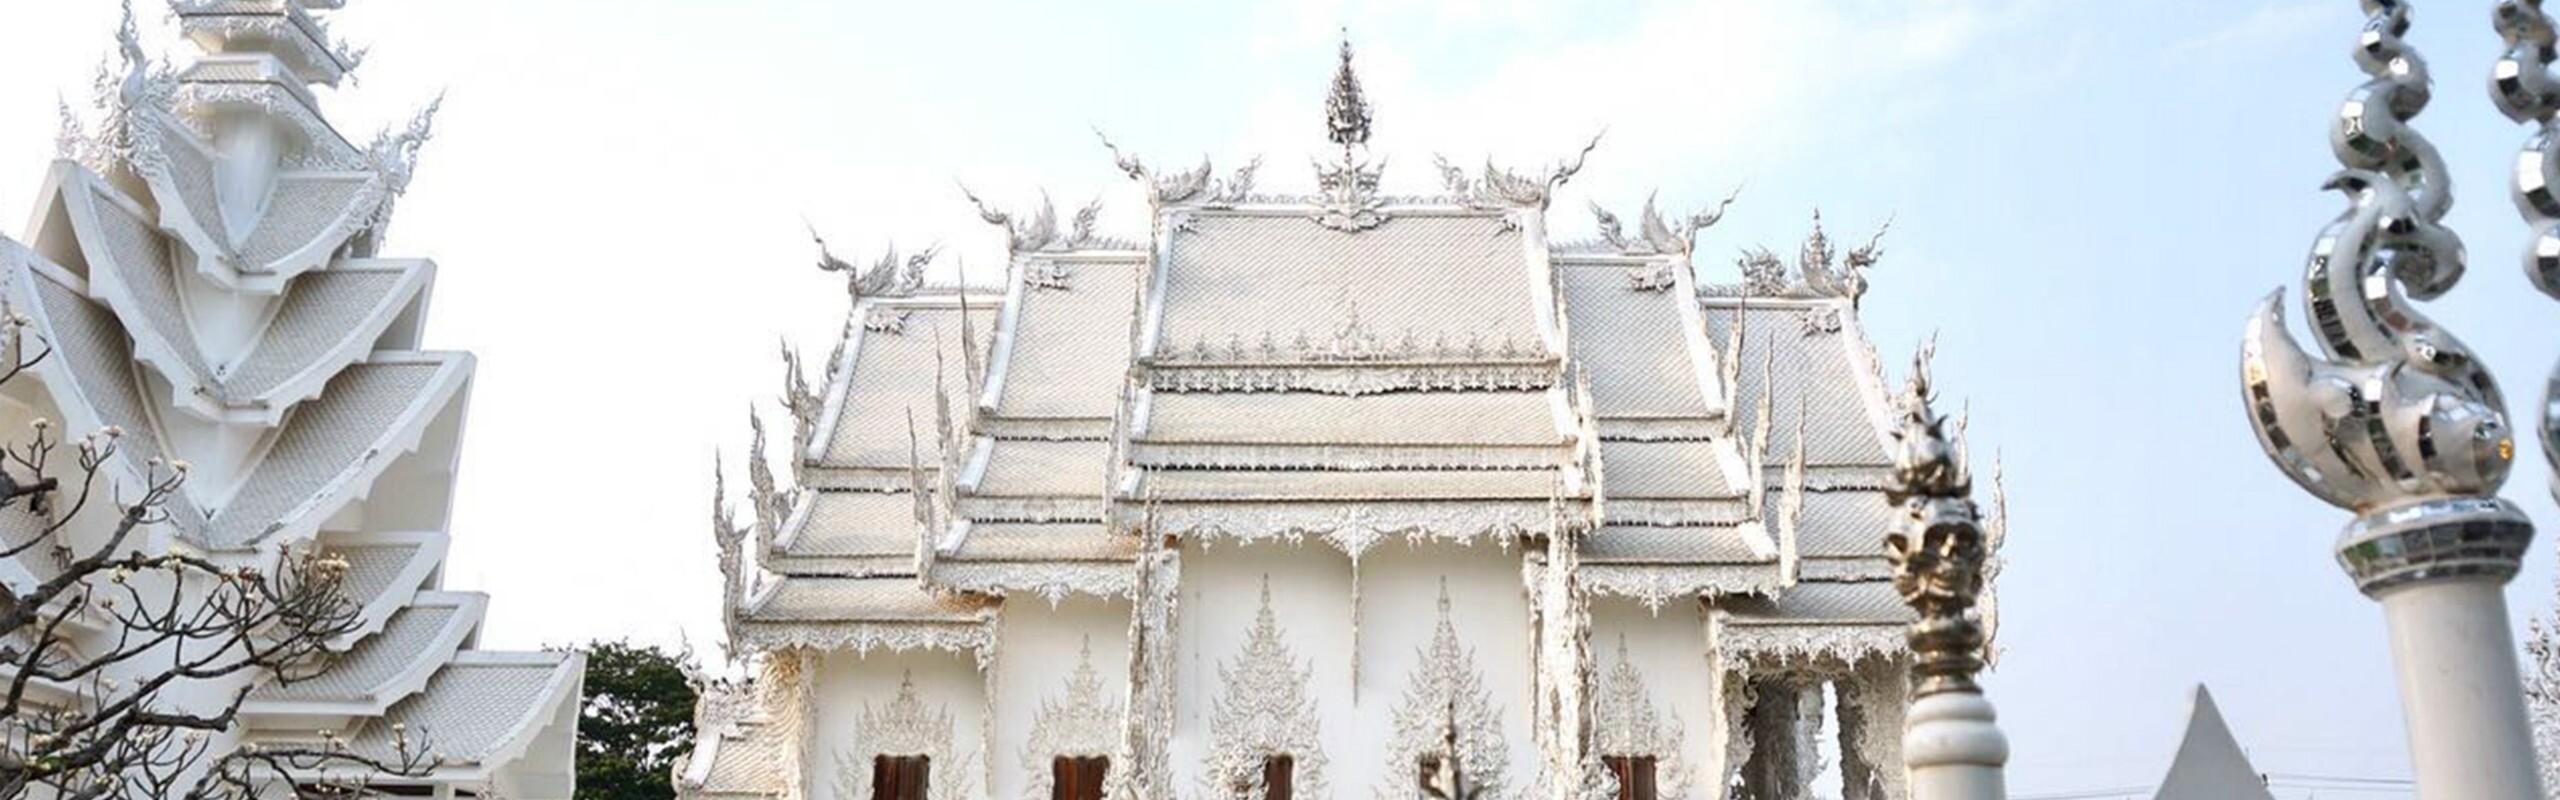 Plan A Trip to Chiang Rai - Things to Do